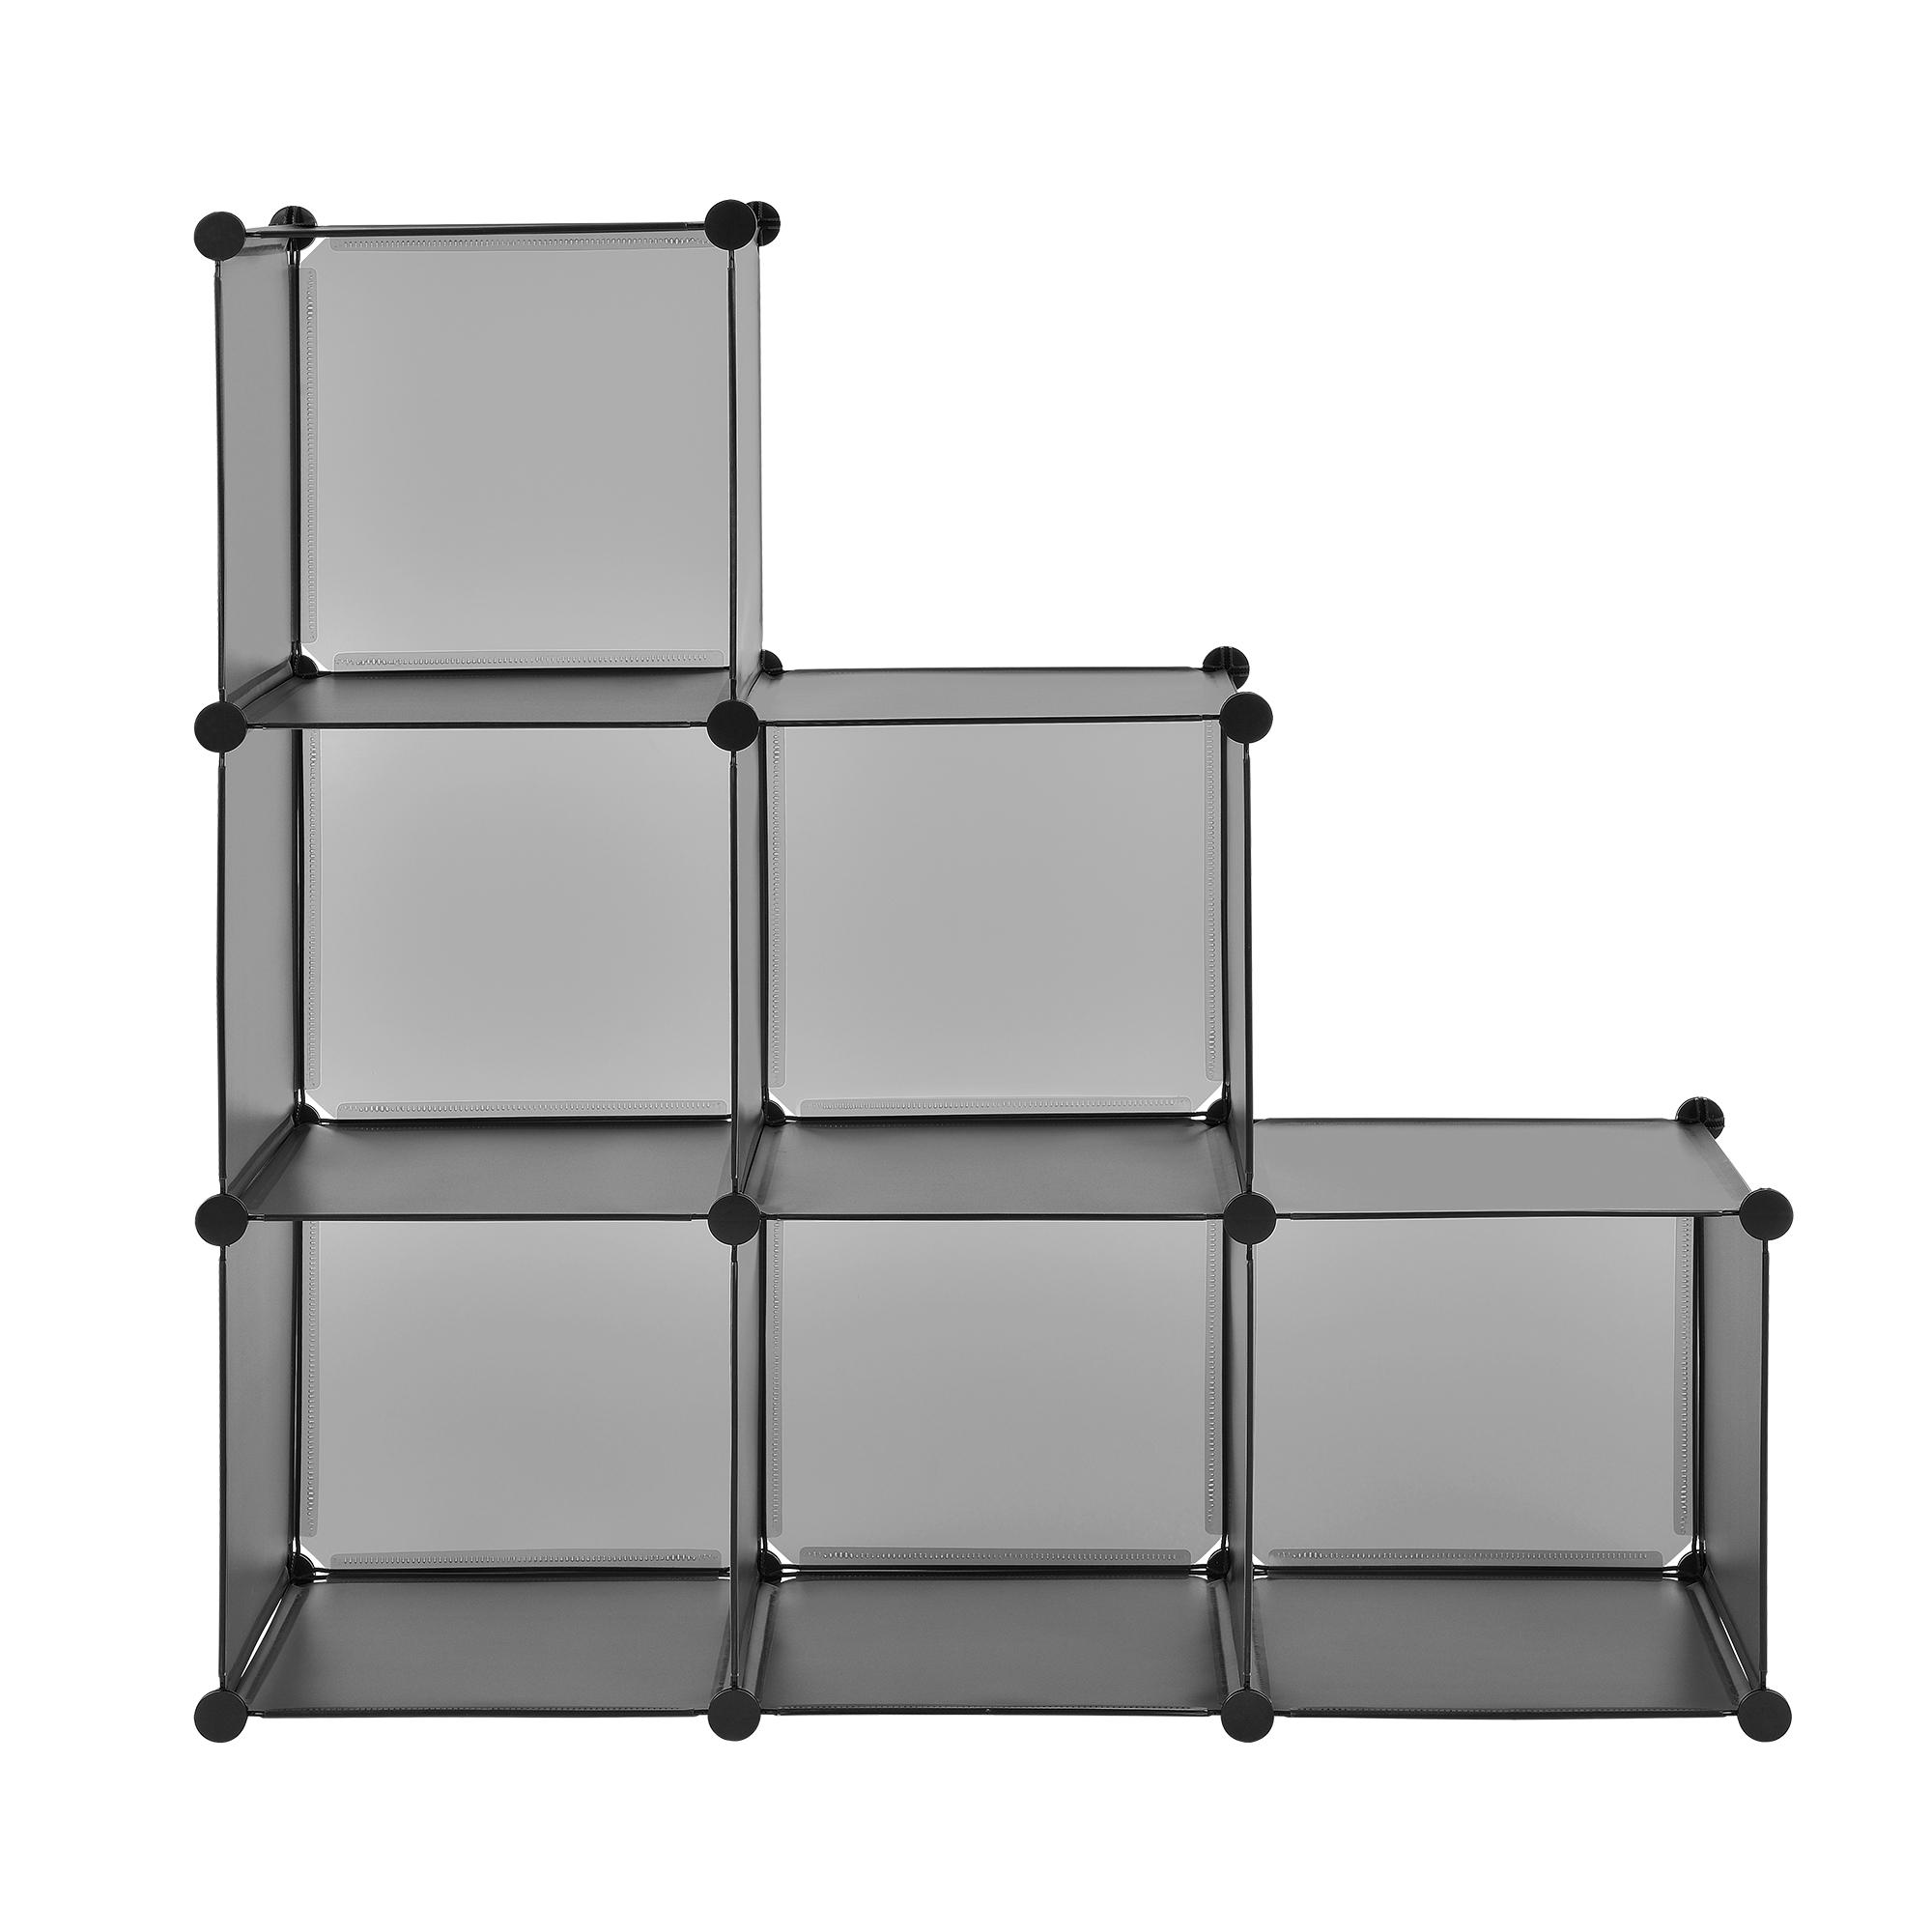 neu haus diy system regal schrank 110x110cm garderobe steck bad kleider wand. Black Bedroom Furniture Sets. Home Design Ideas